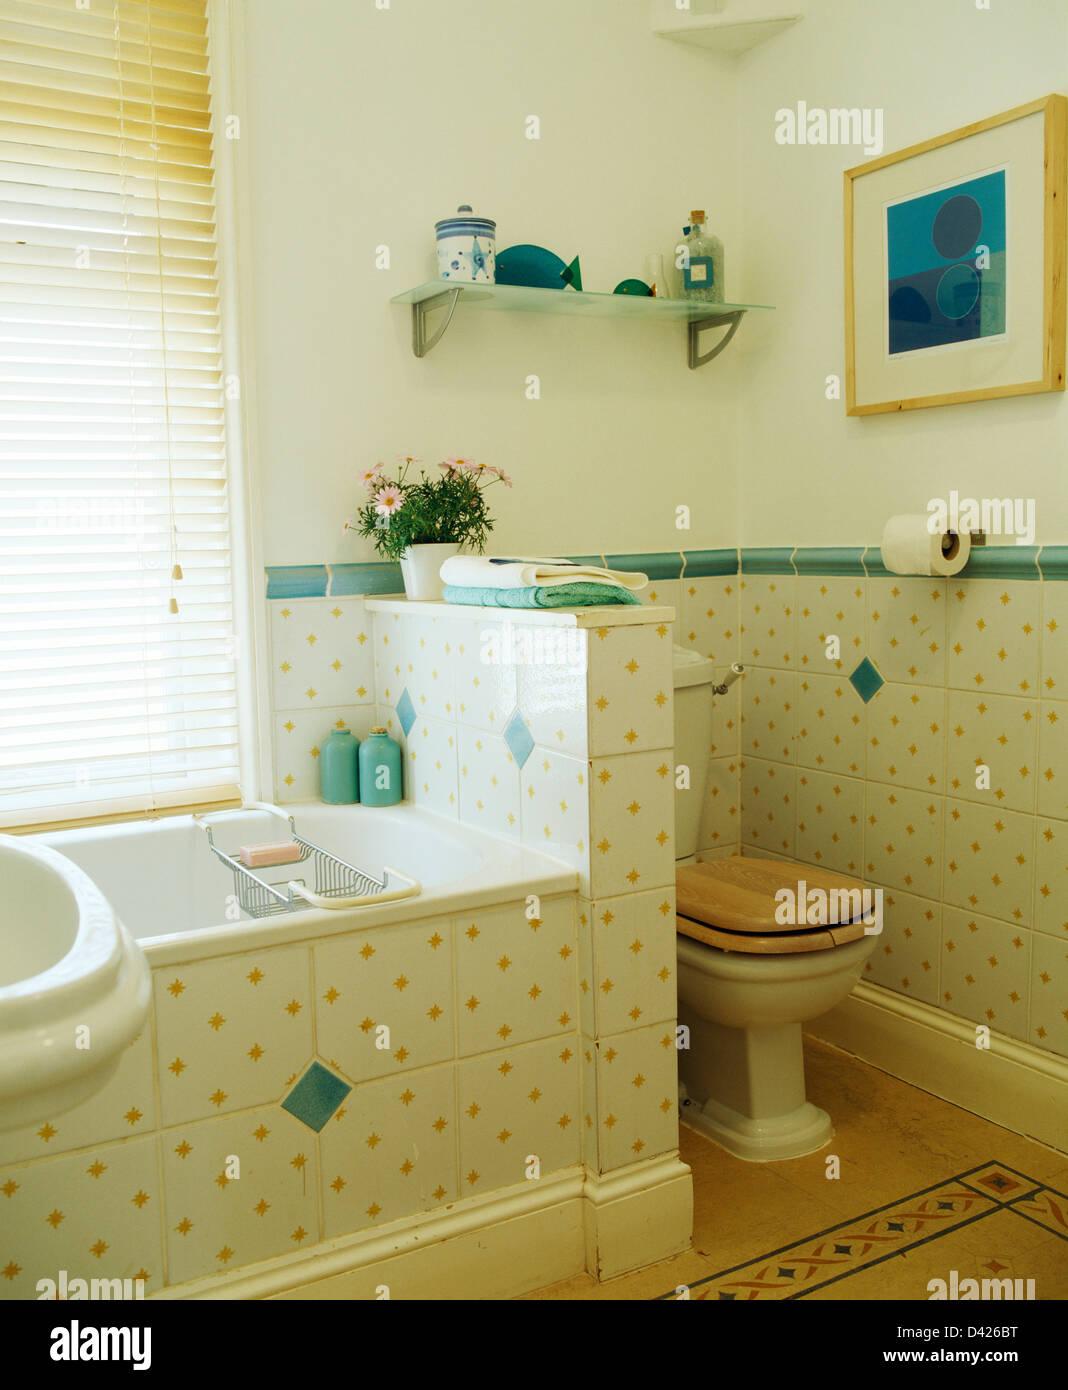 los azulejos de la pared manchada de amarillo con tejas